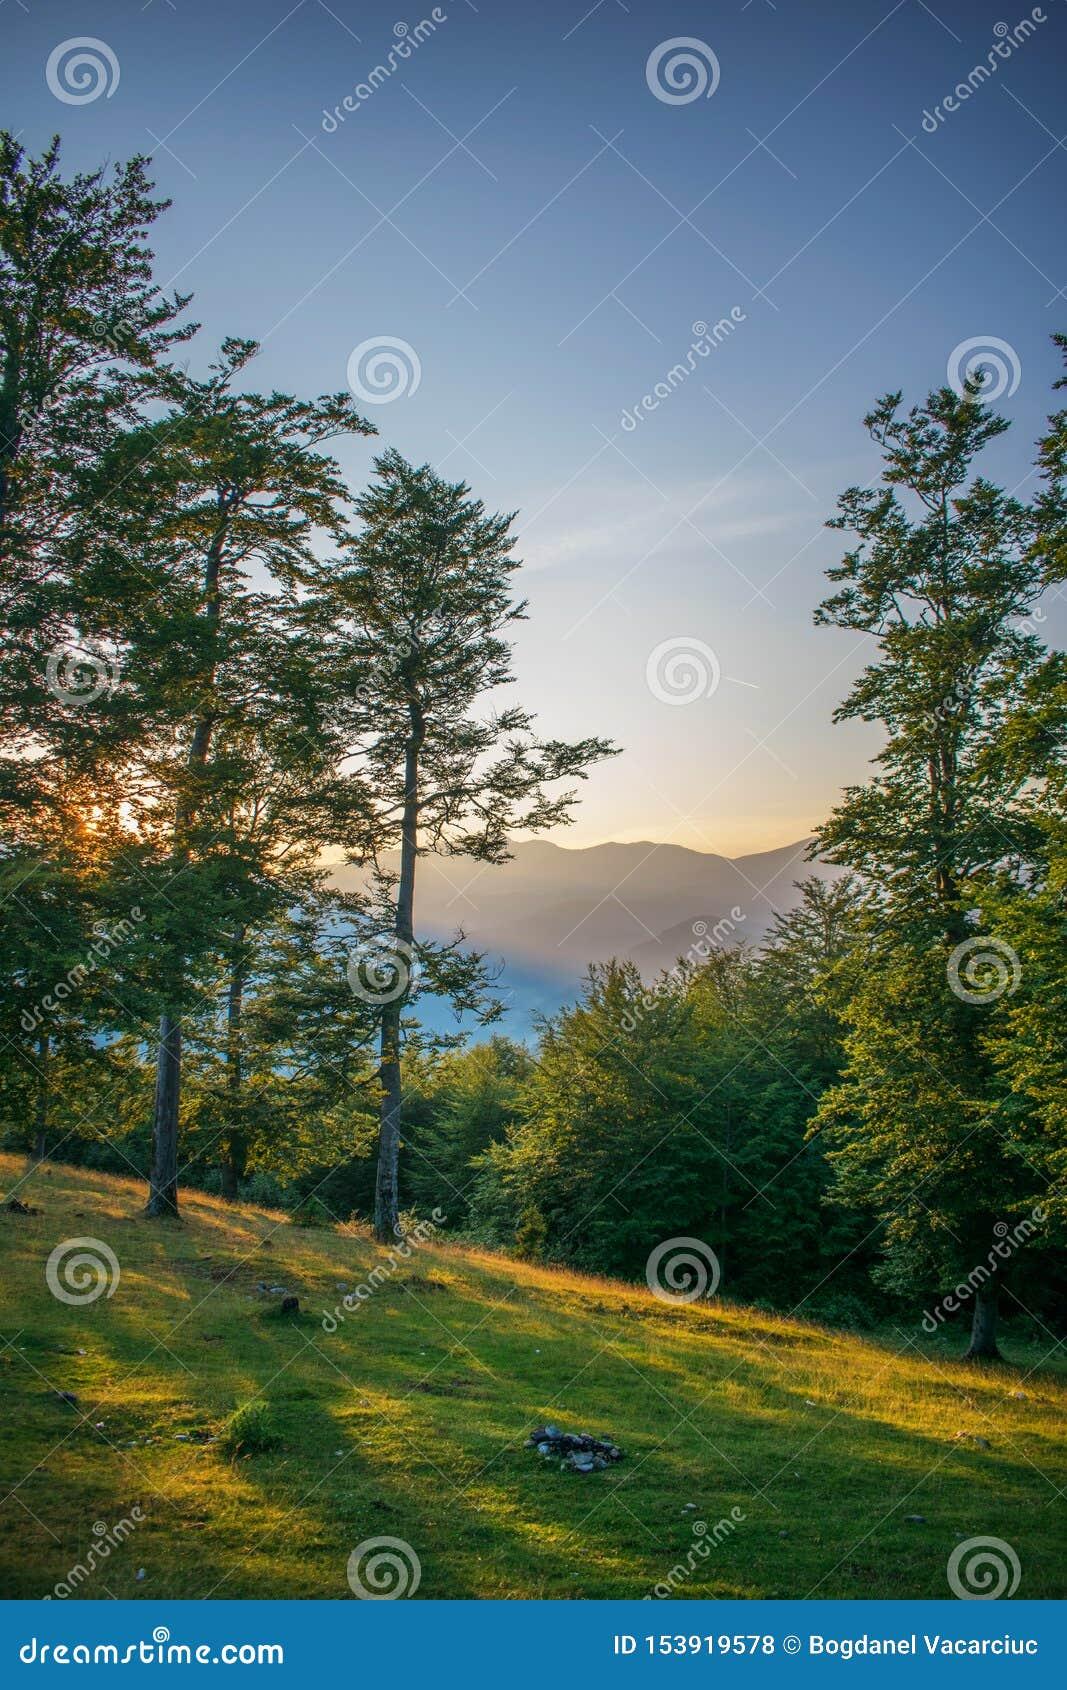 Ένα όμορφο τοπίο βουνών στο ηλιοβασίλεμα Μια όμορφη θερινή ημέρα Ο ήλιος κατεβαίνει πίσω από τα δέντρα Ένα πανέμορφο φως